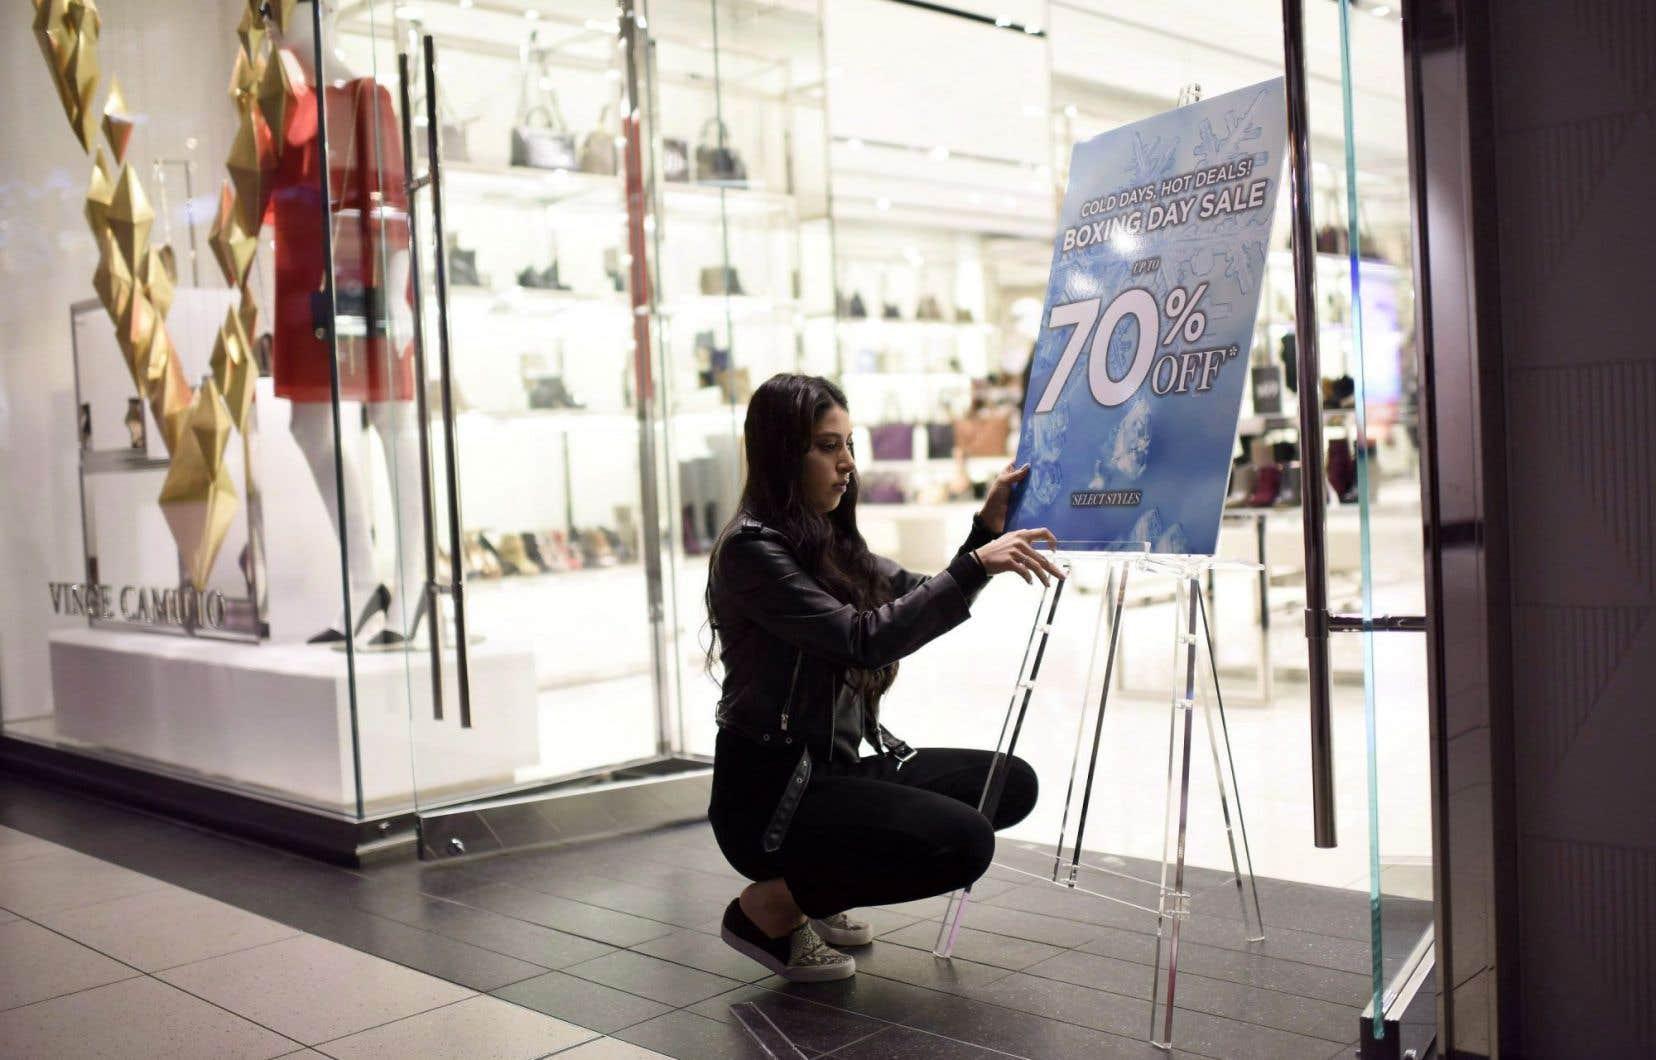 <p>Le critique financier de l'Ontarioestime à environ 50000 pertes d'emplois devant en résulter du nouveau salaire minimum, une cible qualifiée de conservatrice.</p>